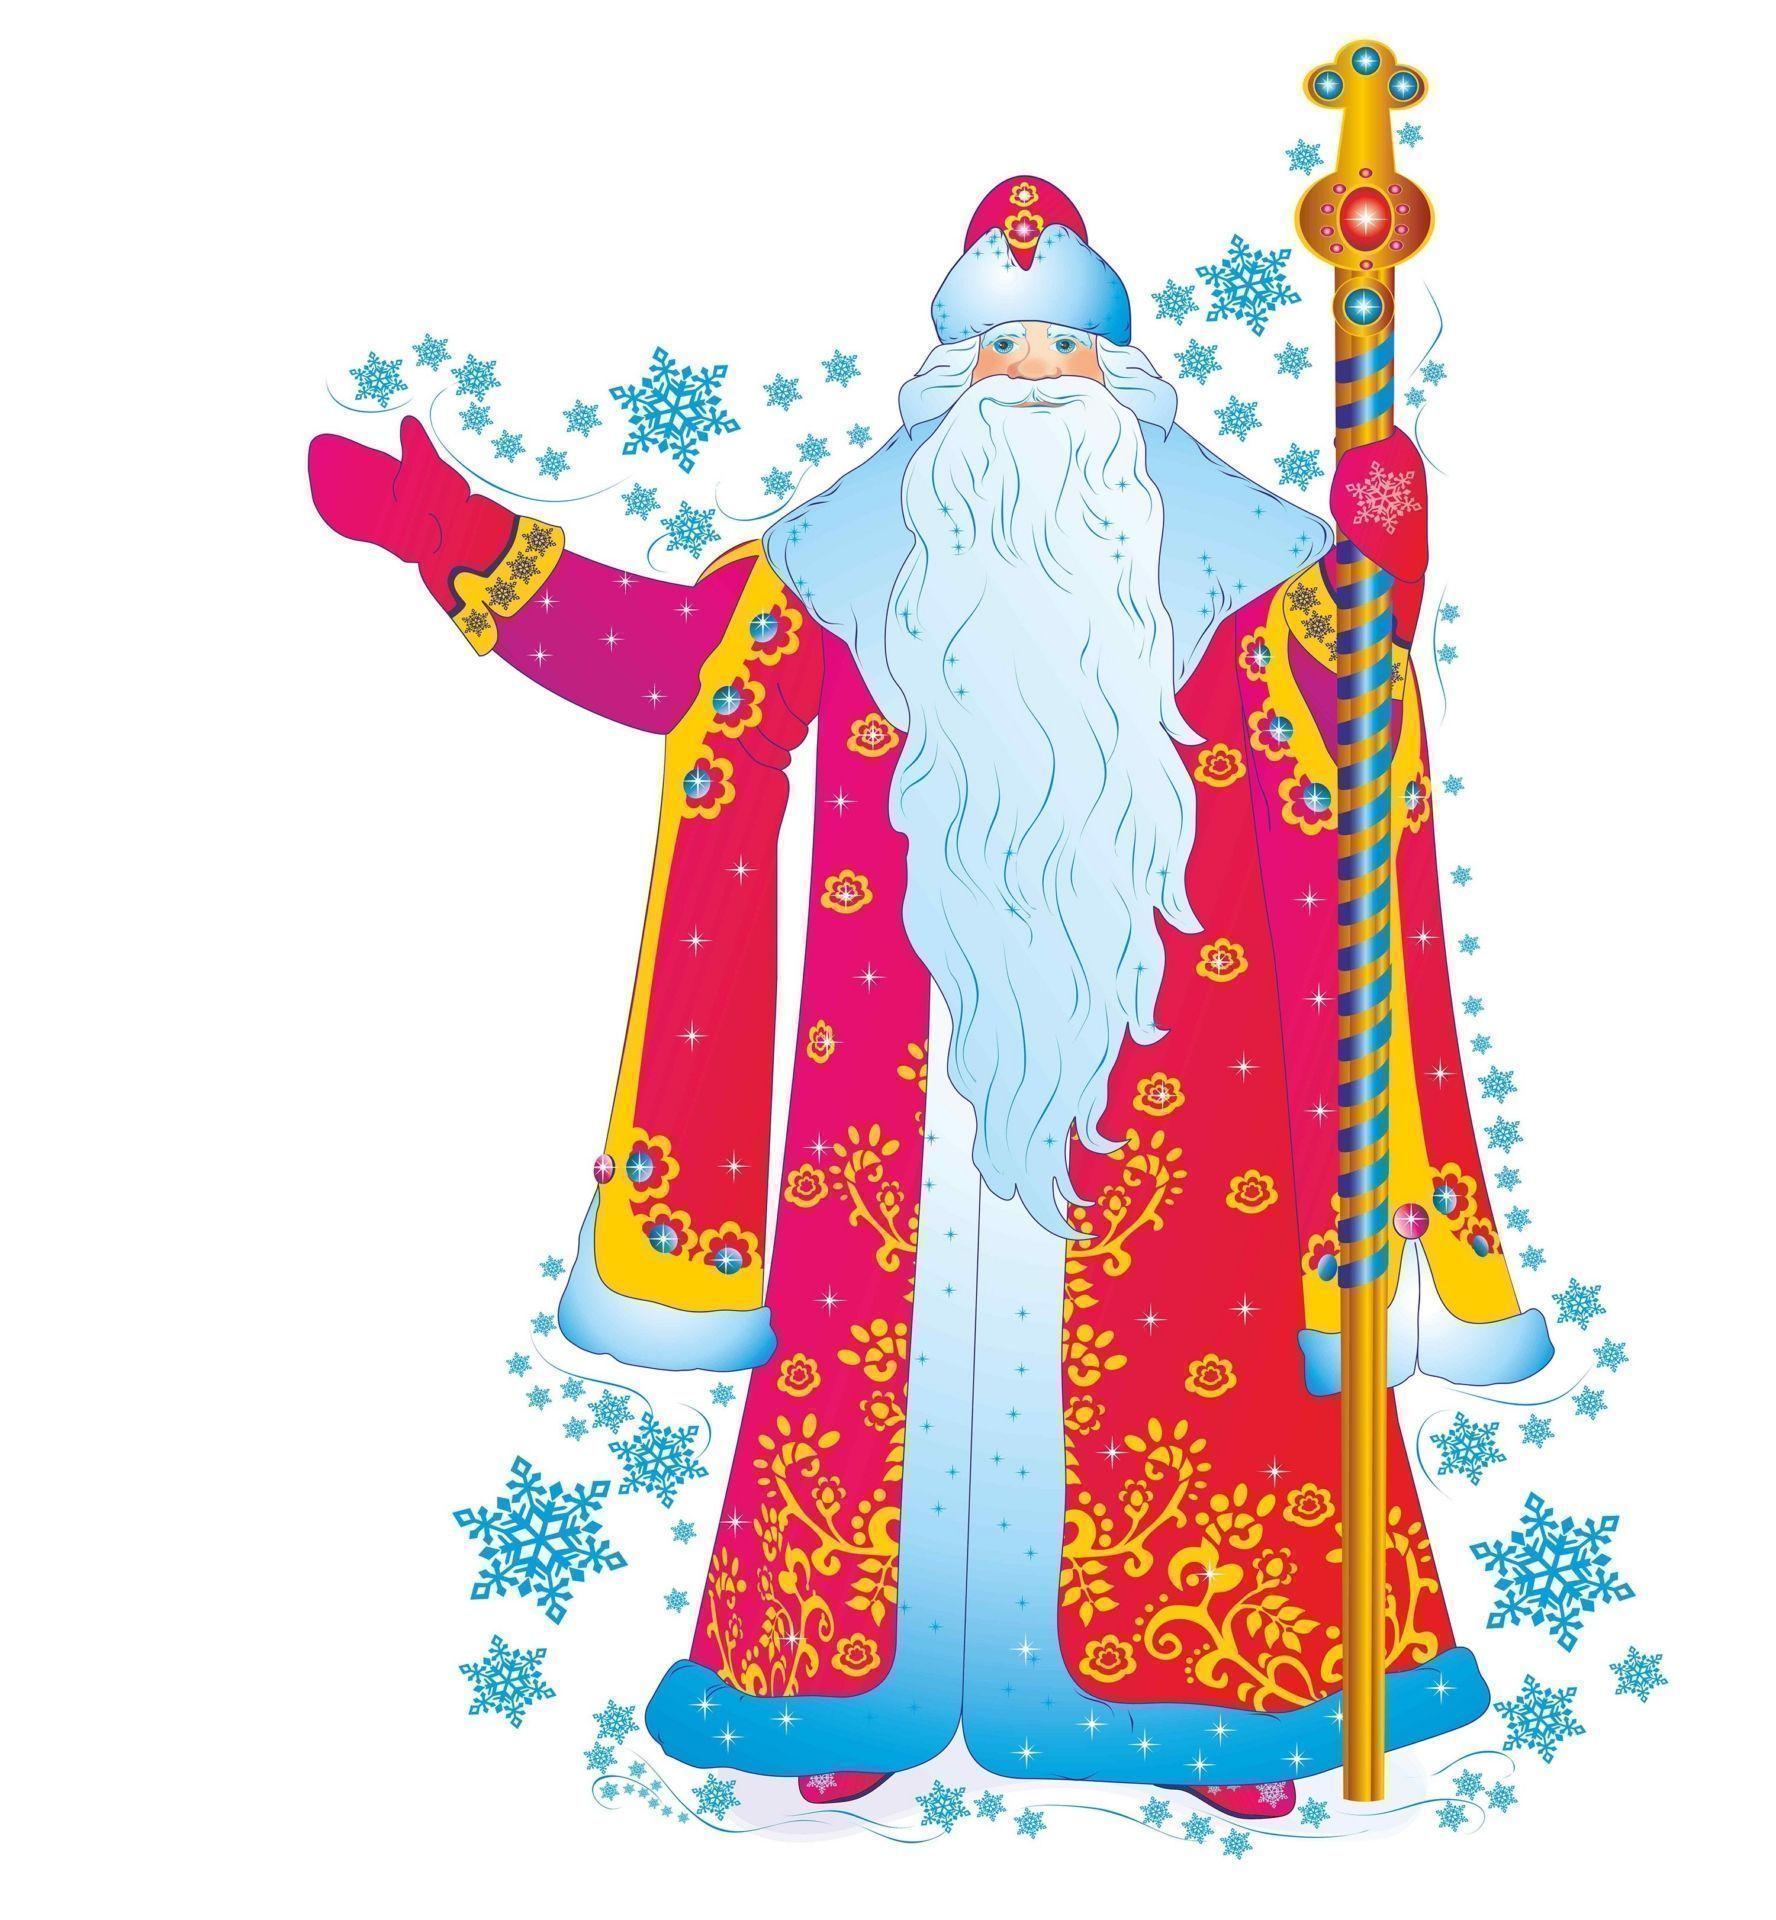 Плакат вырубной Дед МорозТовары для оформления и проведения праздника<br>.<br><br>Год: 2017<br>Серия: Вырубные фигуры для оформления<br>Высота: 592<br>Ширина: 450<br>Переплёт: набор